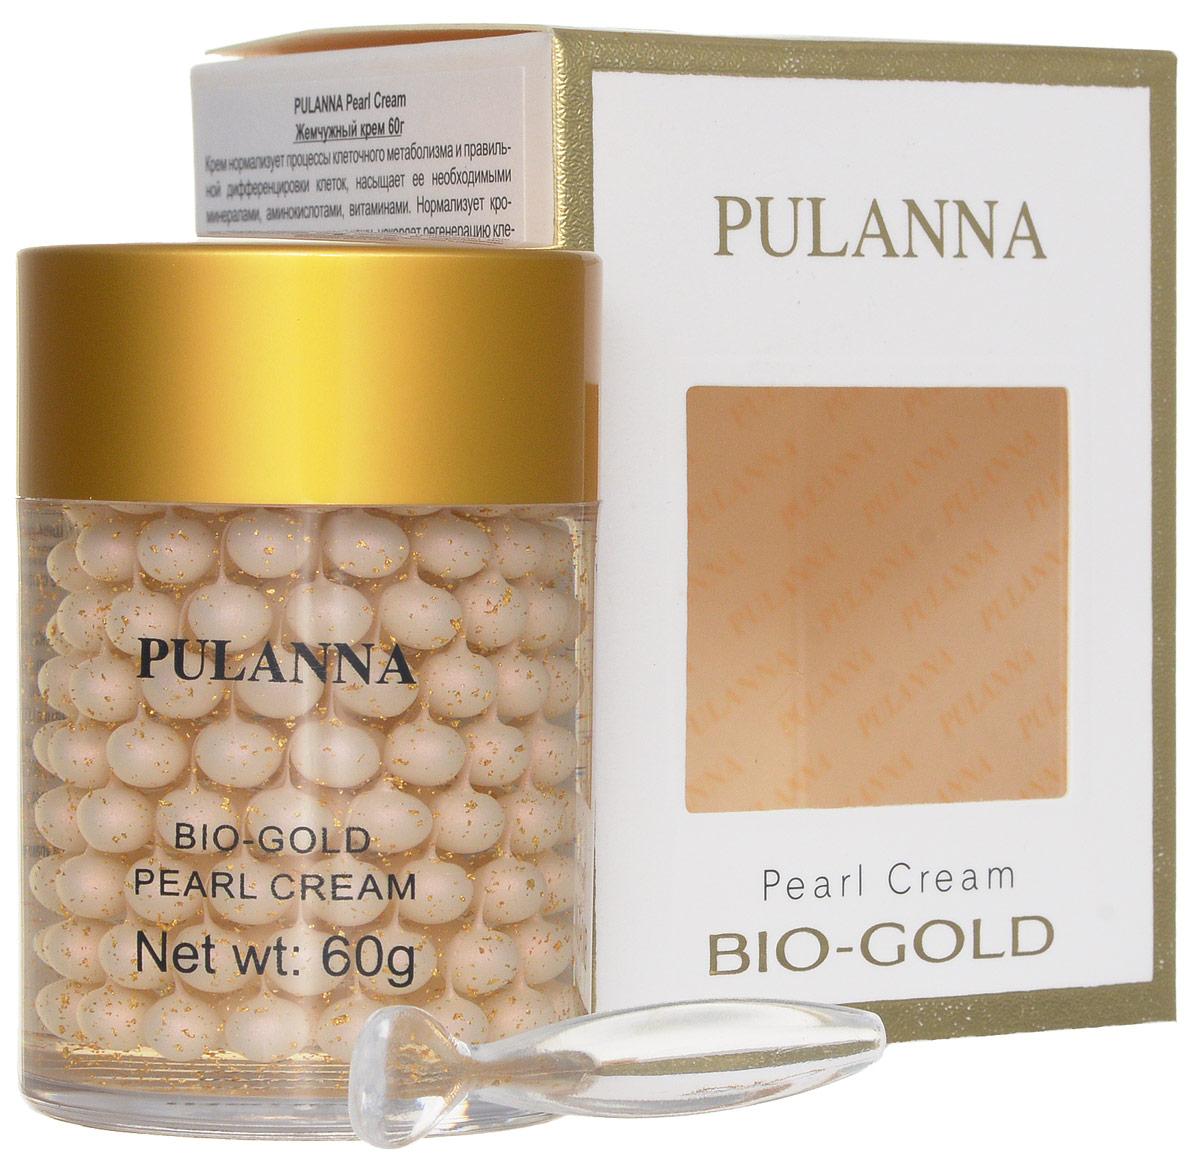 Pulanna Жемчужный крем на основе био-золота - Pearl Cream 60 г5902596005047Уникальная рецептура этого крема позволяет поддержать молодость вашей кожи. Крем нормализует процессы клеточного метаболизма и правильной дифференцировки клеток, насыщает ее необходимыми минералами, аминокислотами, витаминами. Нормализует кровоснабжение, вывод токсинов из кожи, ускоряет регенерацию клеток, повышает клеточный иммунитет. Осуществляет борьбу со свободными радикалами, увлажняет, тонизирует. Замедляются процессы старения, повышается тонус и эластичность кожи, выравнивается ее рельеф. Био-золото обеспечивает коже длительное, глубокое увлажнение и питание. Жемчужная пудра, содержащая витамины, аминокислоты, микроэлементы, нормализует обменные процессы, является активным омолаживающим компонентом. Экстракт гриба Рейши нормализует кровоснабжение, стимулирует вывод токсинов из кожи, замедляет процессы старения. Гиалуроновая кислота обеспечивает пролонгированное увлажняющее действие, повышает кожный иммунитет. Витамин Е, являясь сильным антиоксидантом, повышает клеточный...